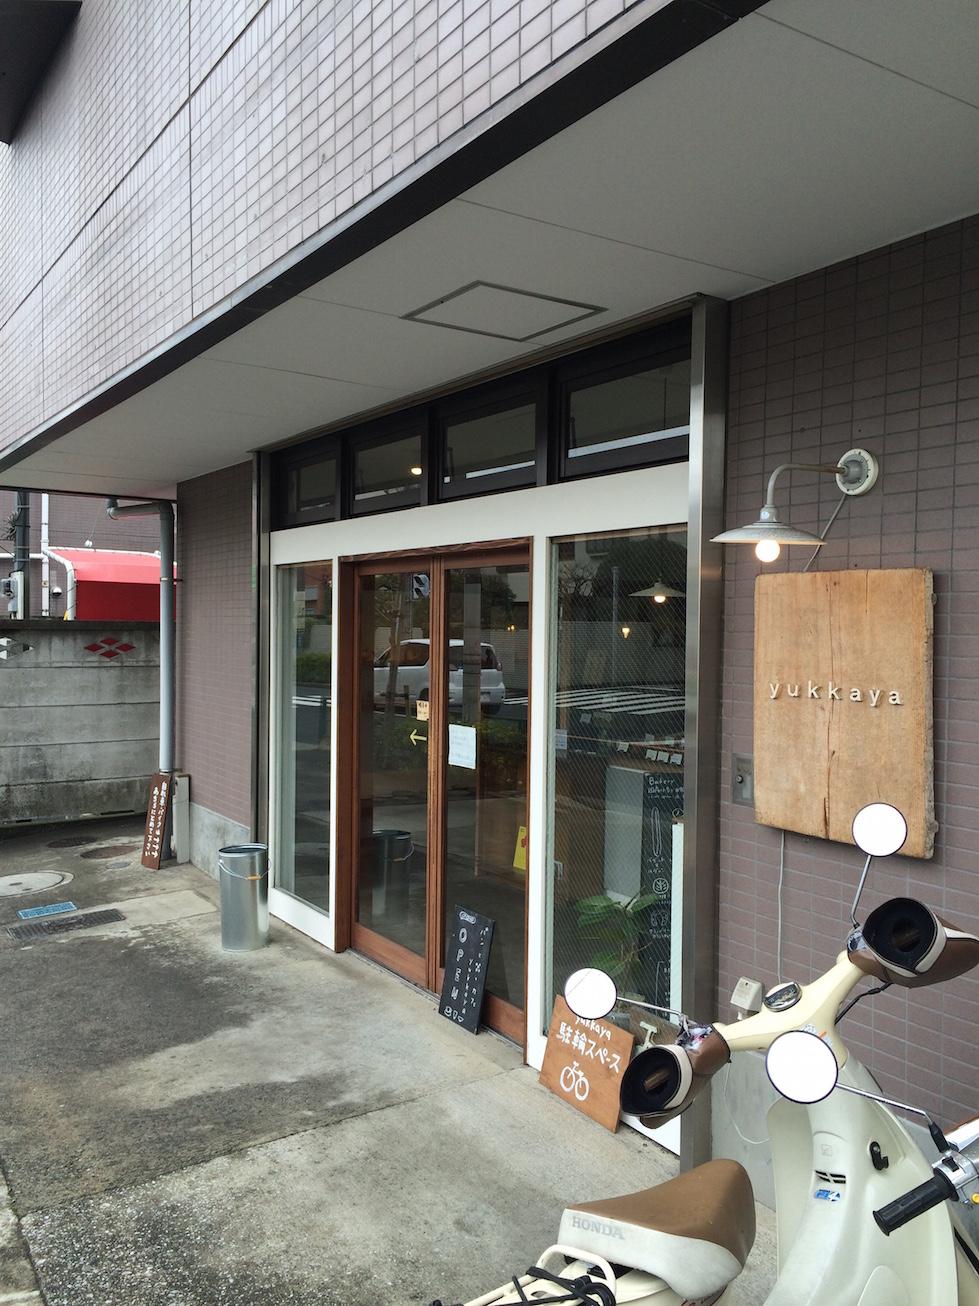 yukkaya_150308_4.jpg